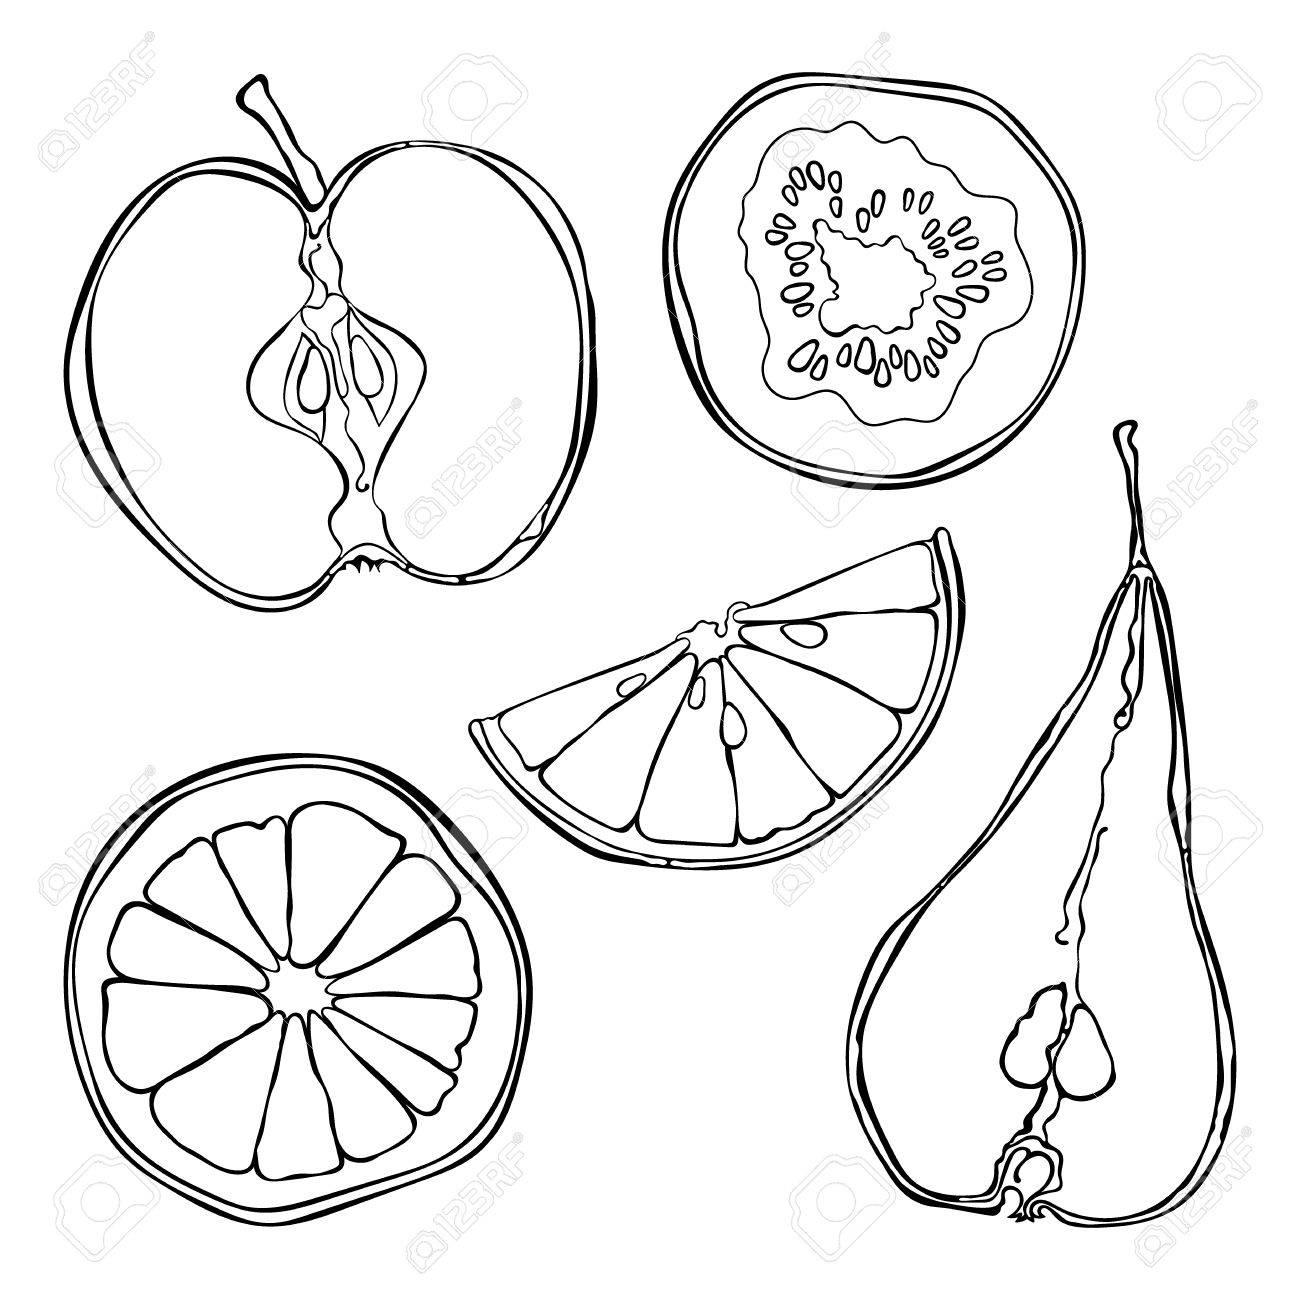 1300x1300 Fruits Orange, Lemon, Apple, Pear, Kiwi. Fruit Slices. Isolated